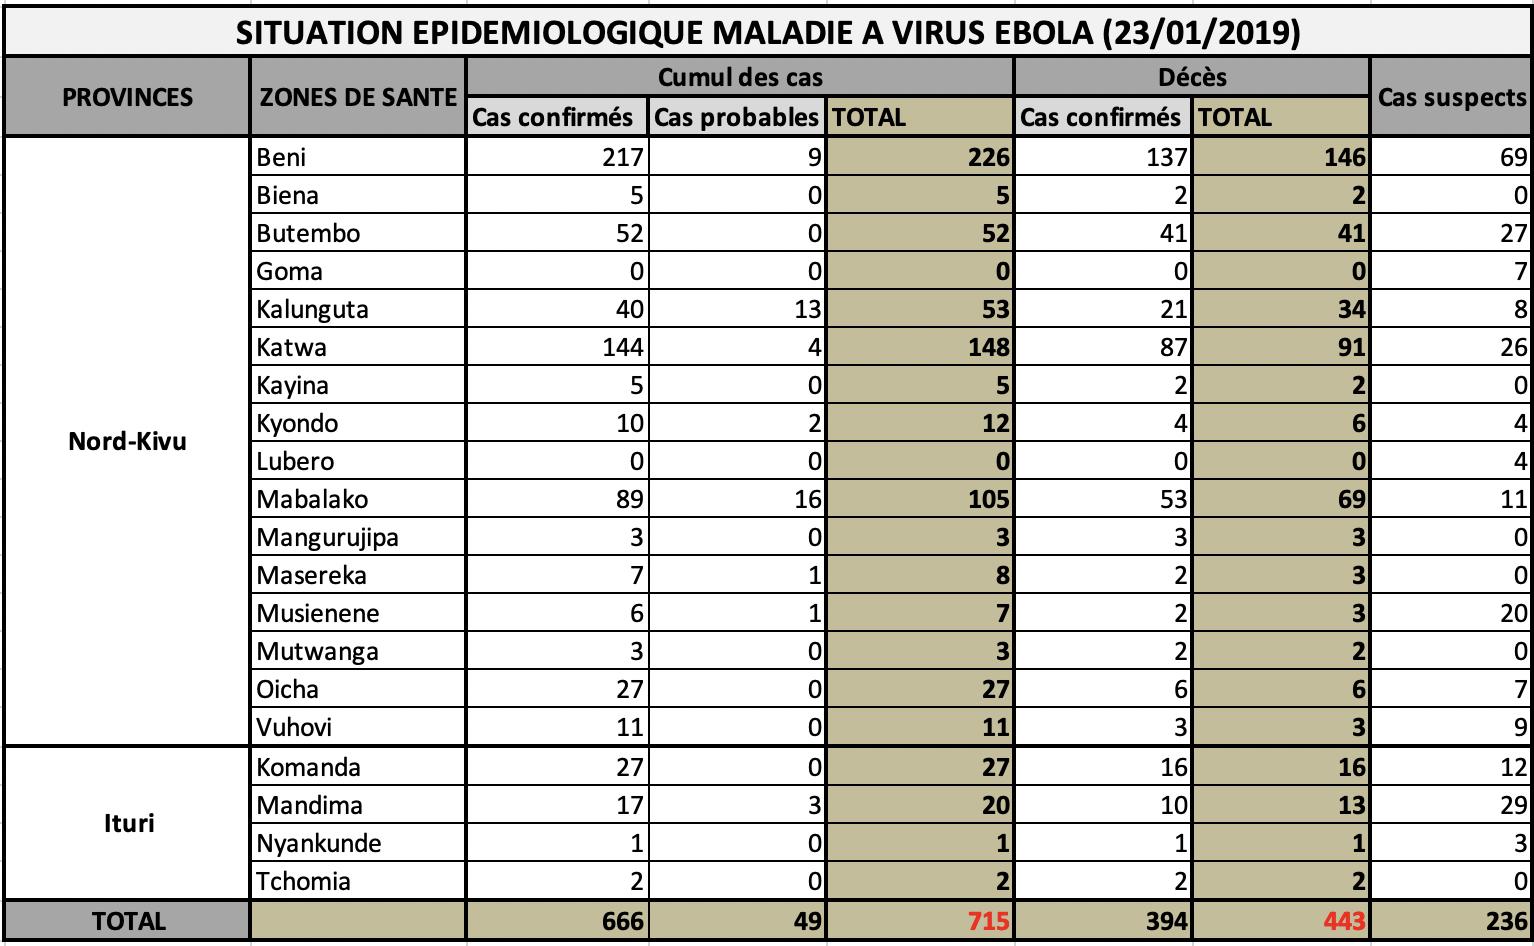 Info Ebola Congo: SITUATION ÉPIDÉMIOLOGIQUE DANS LA PROVINCE DU NORD-KIVU